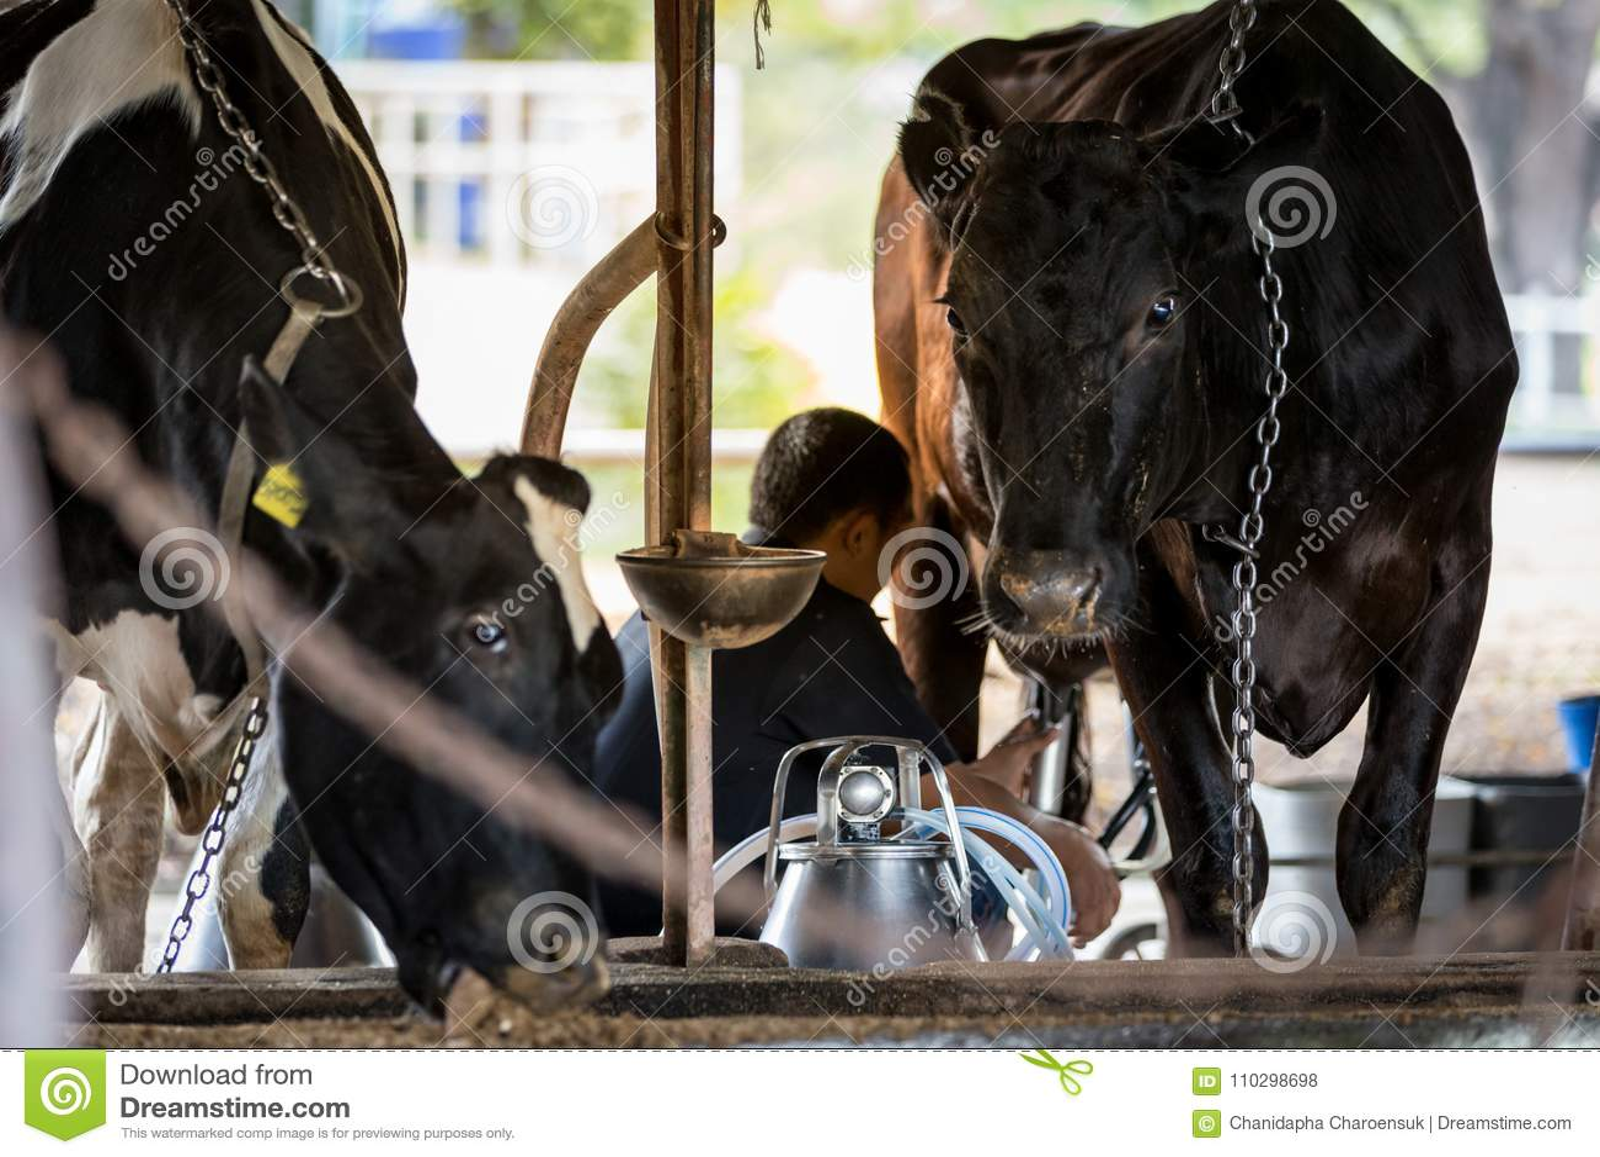 Dos vacas en la granja lechera y un hombre están ordeñando la vaca negra